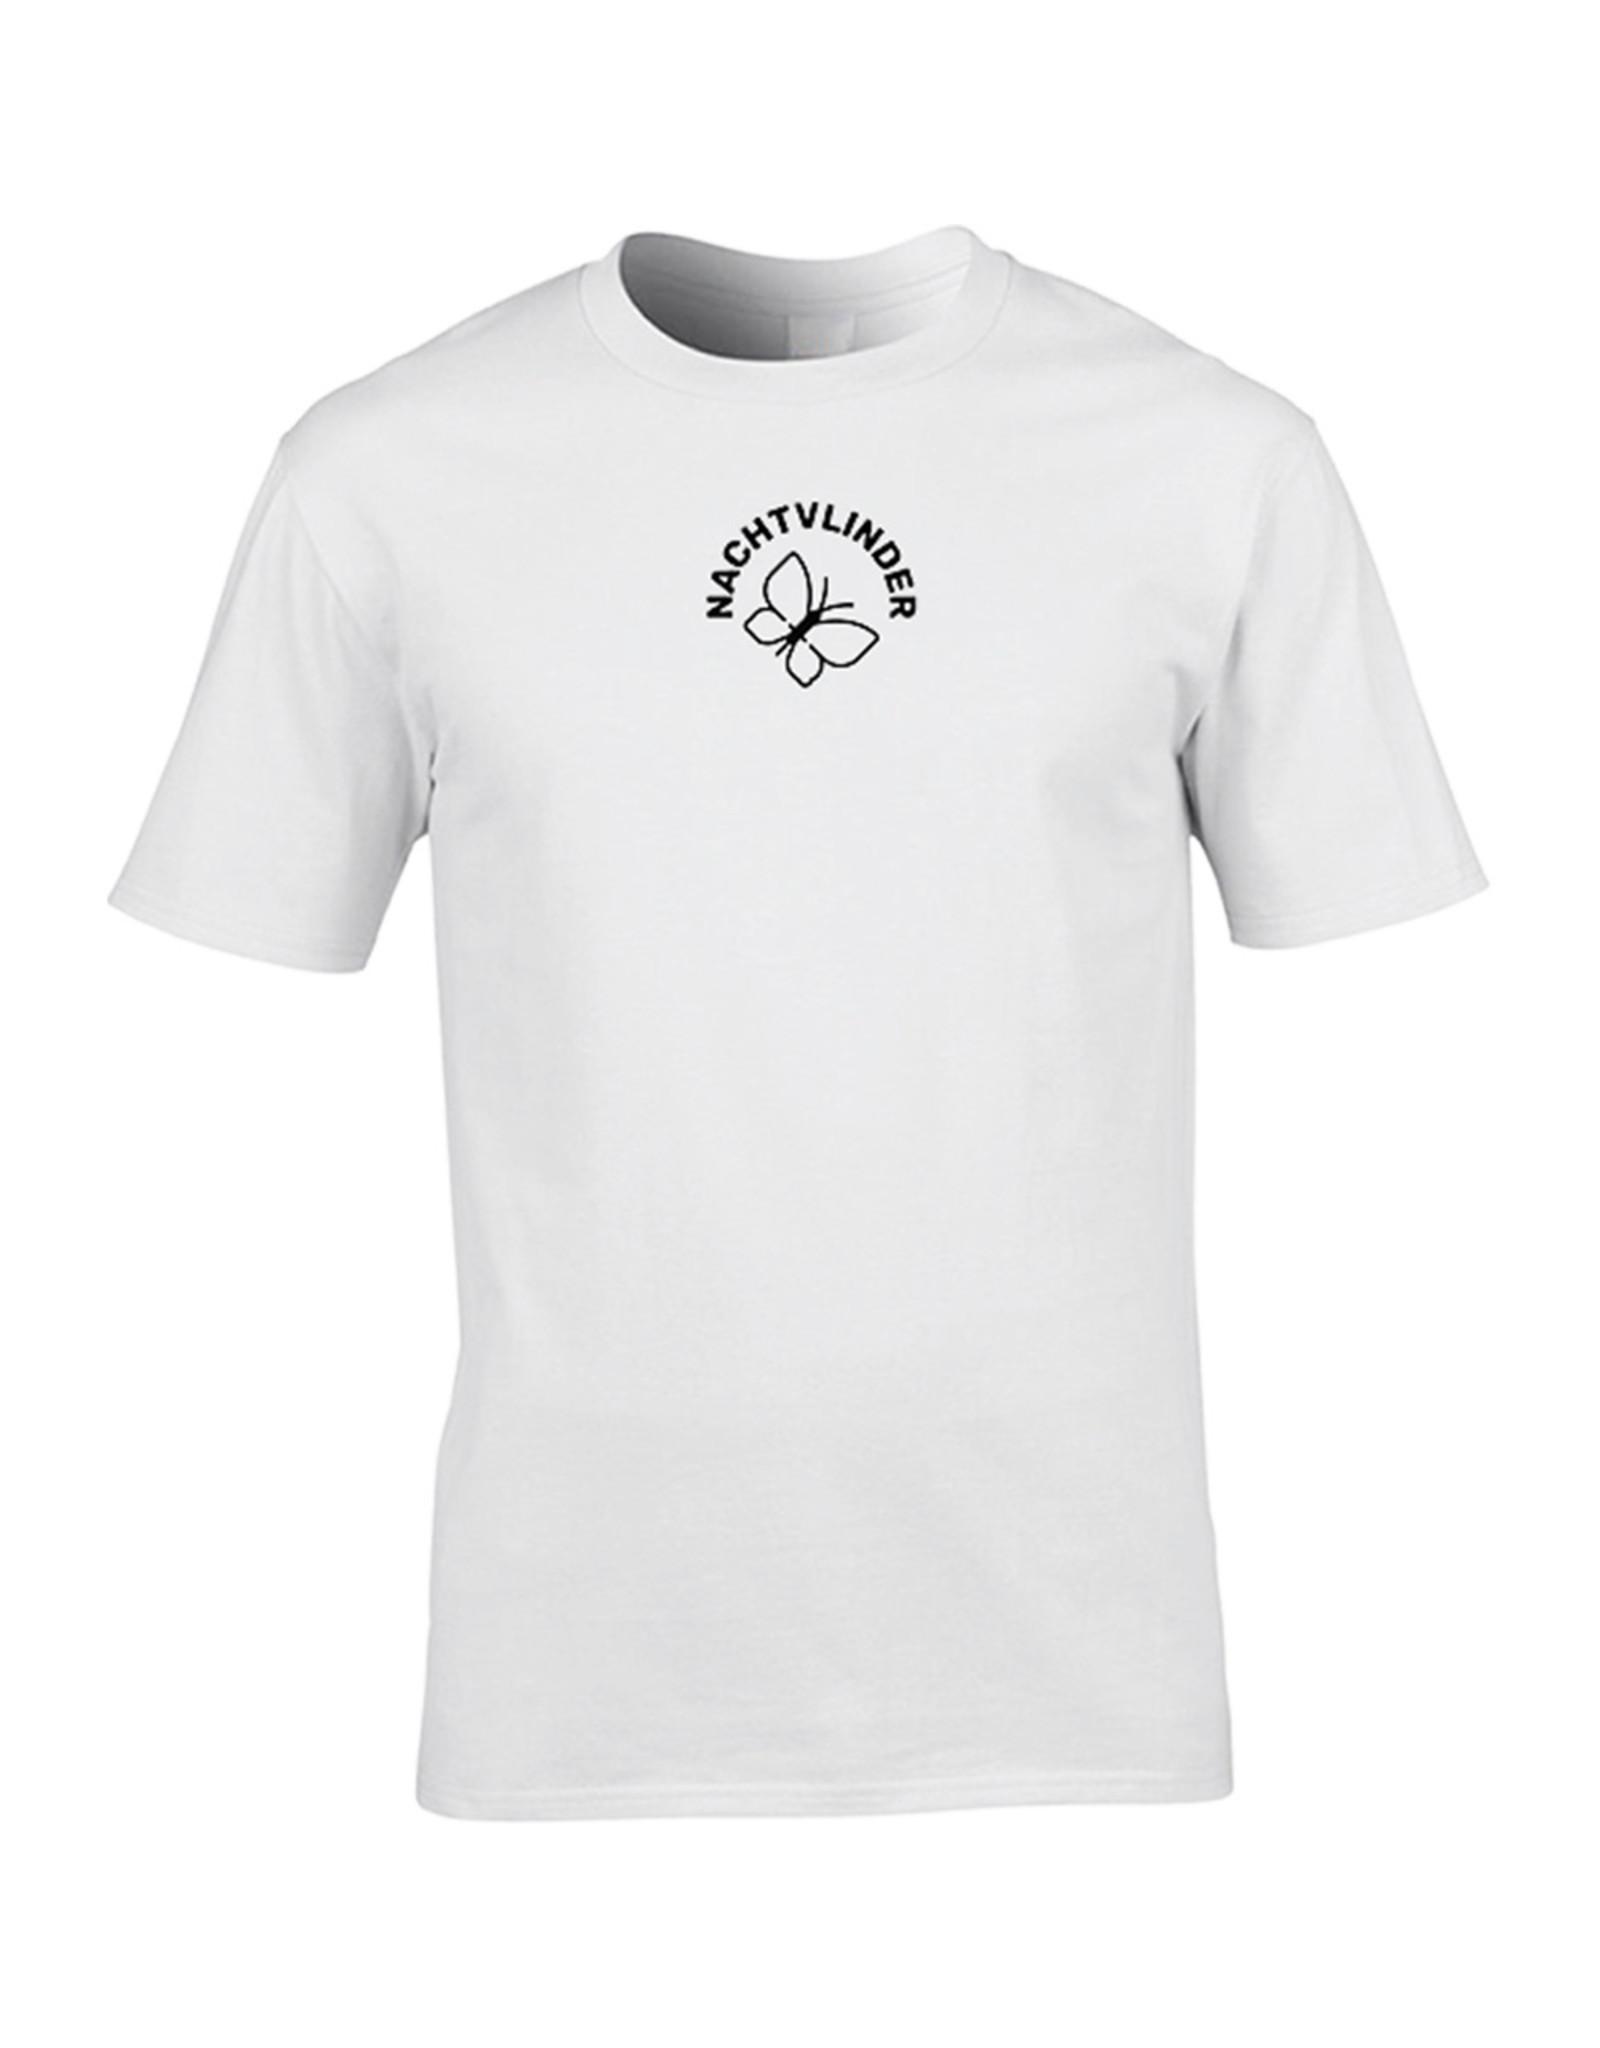 Festicap T-Shirt Nachtvlinder | Zacht katoen | Hand gemaakt